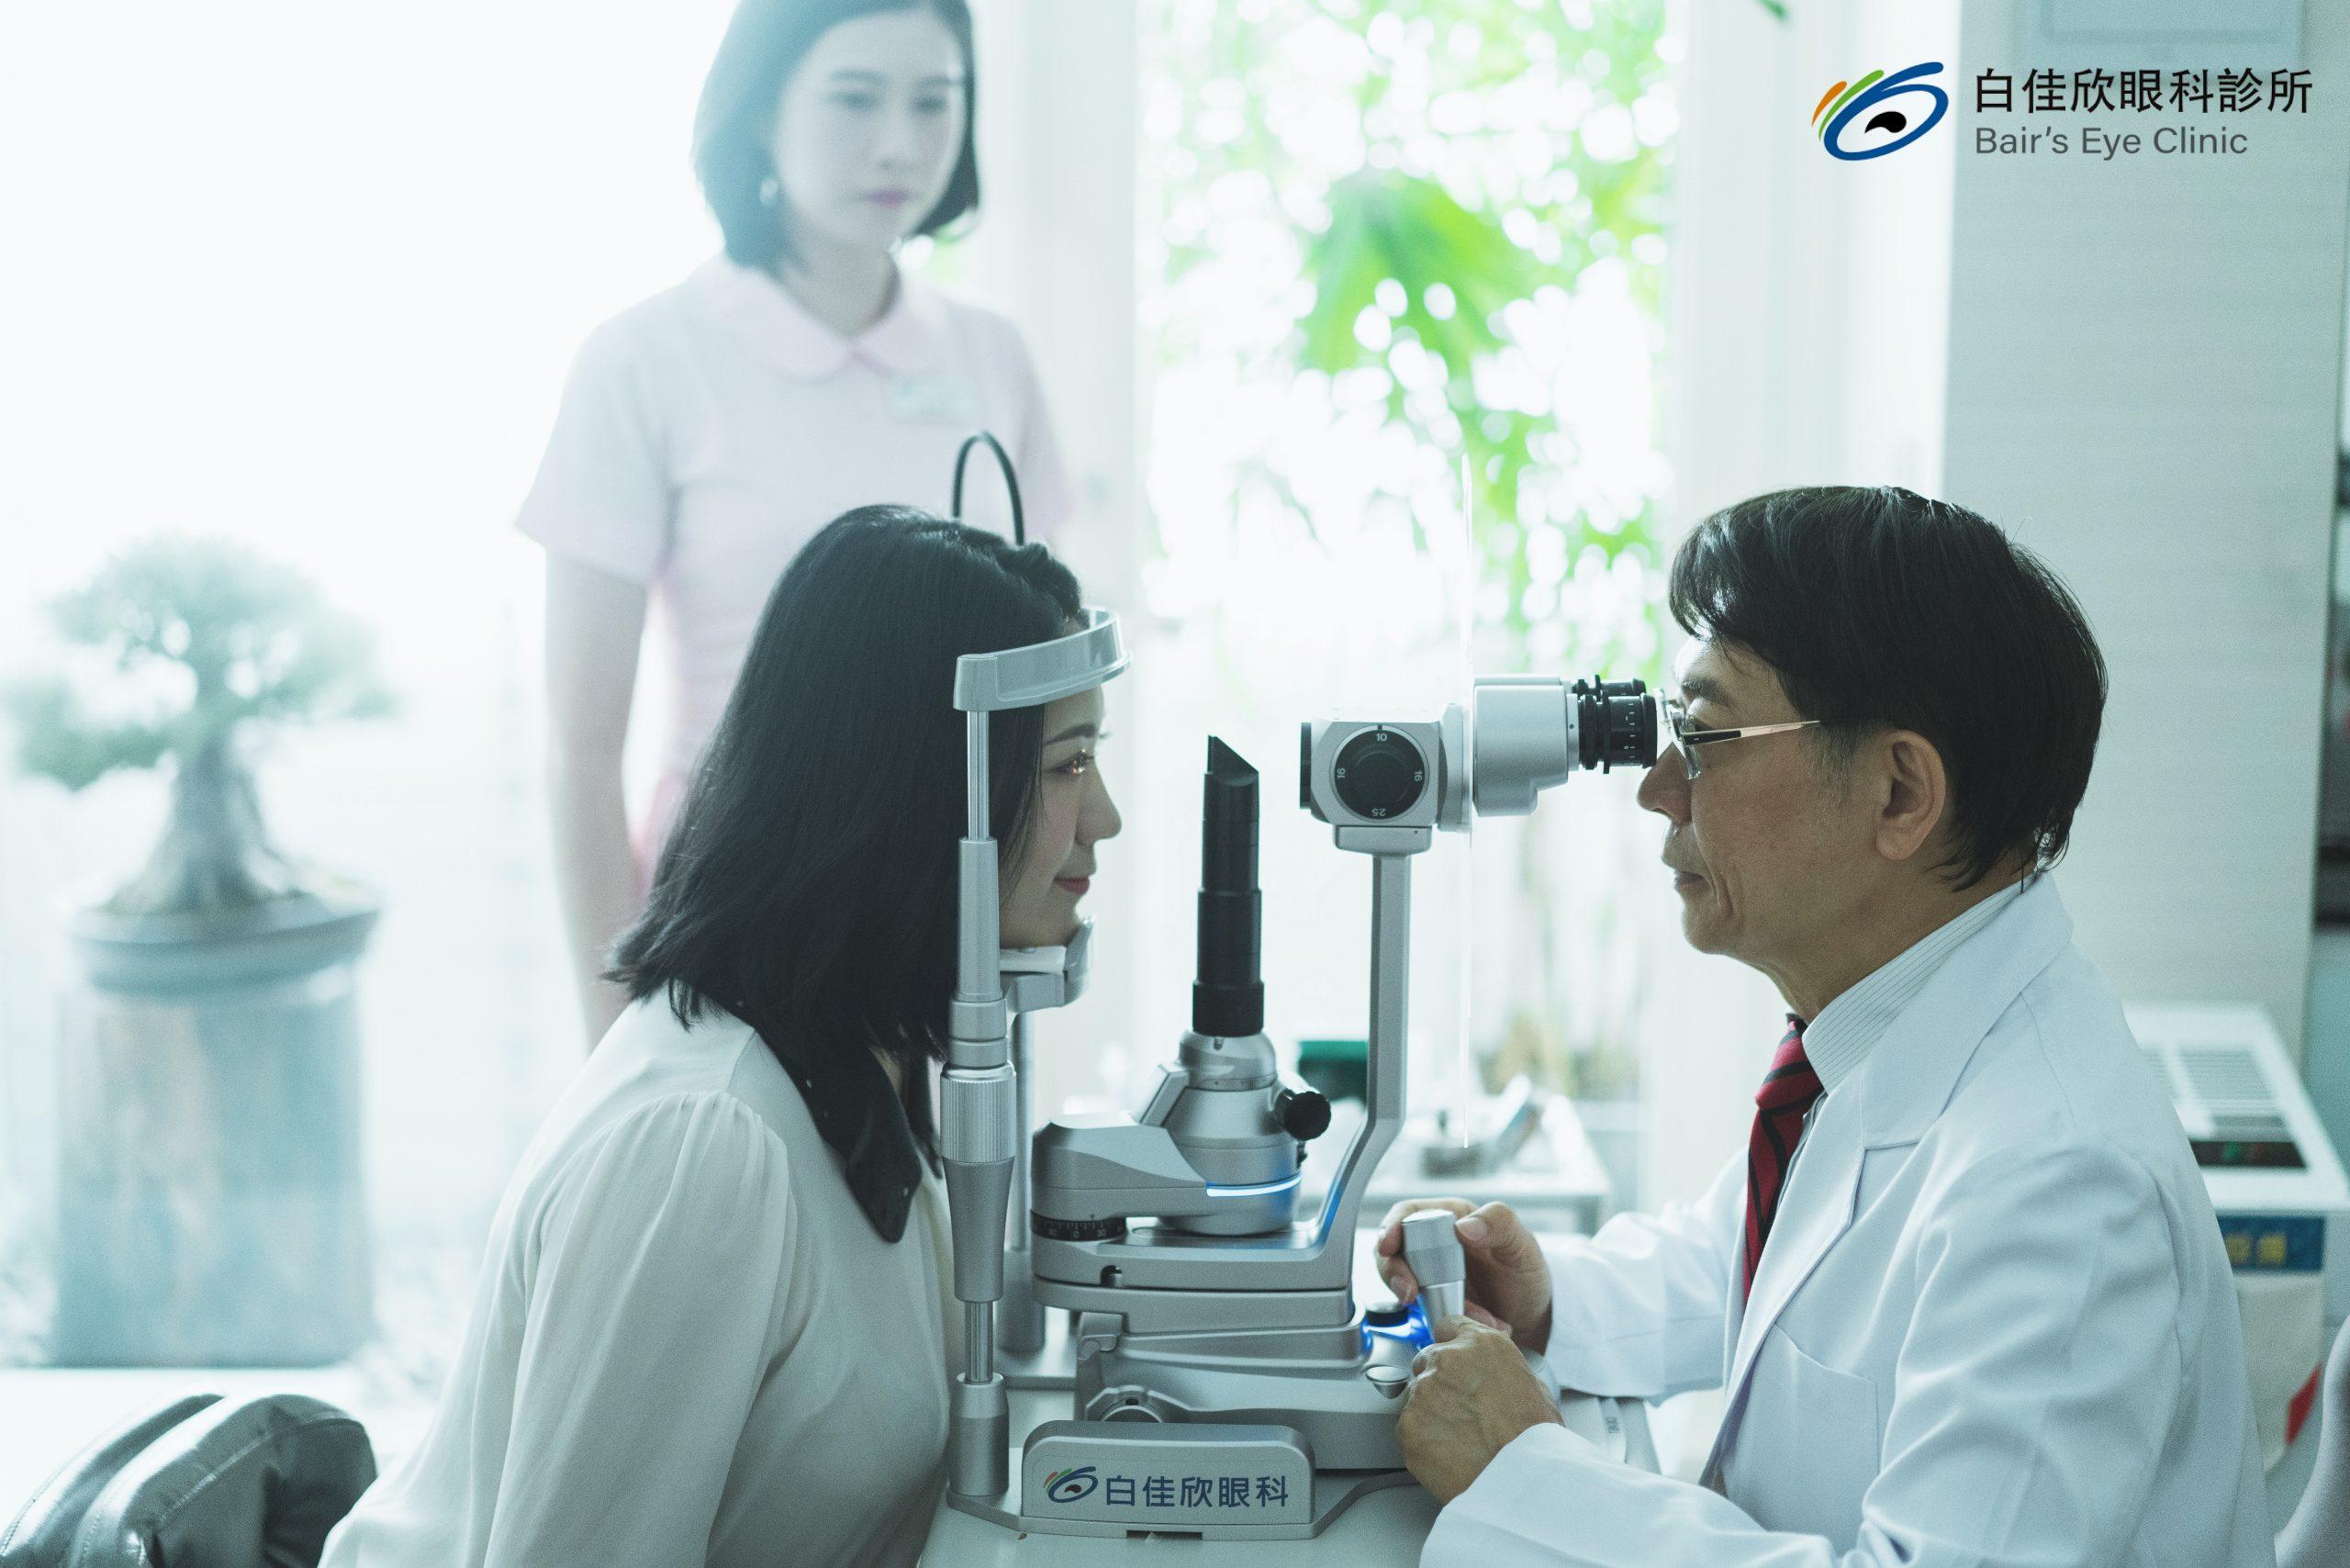 台中白佳欣眼科診所近視雷射術前評估